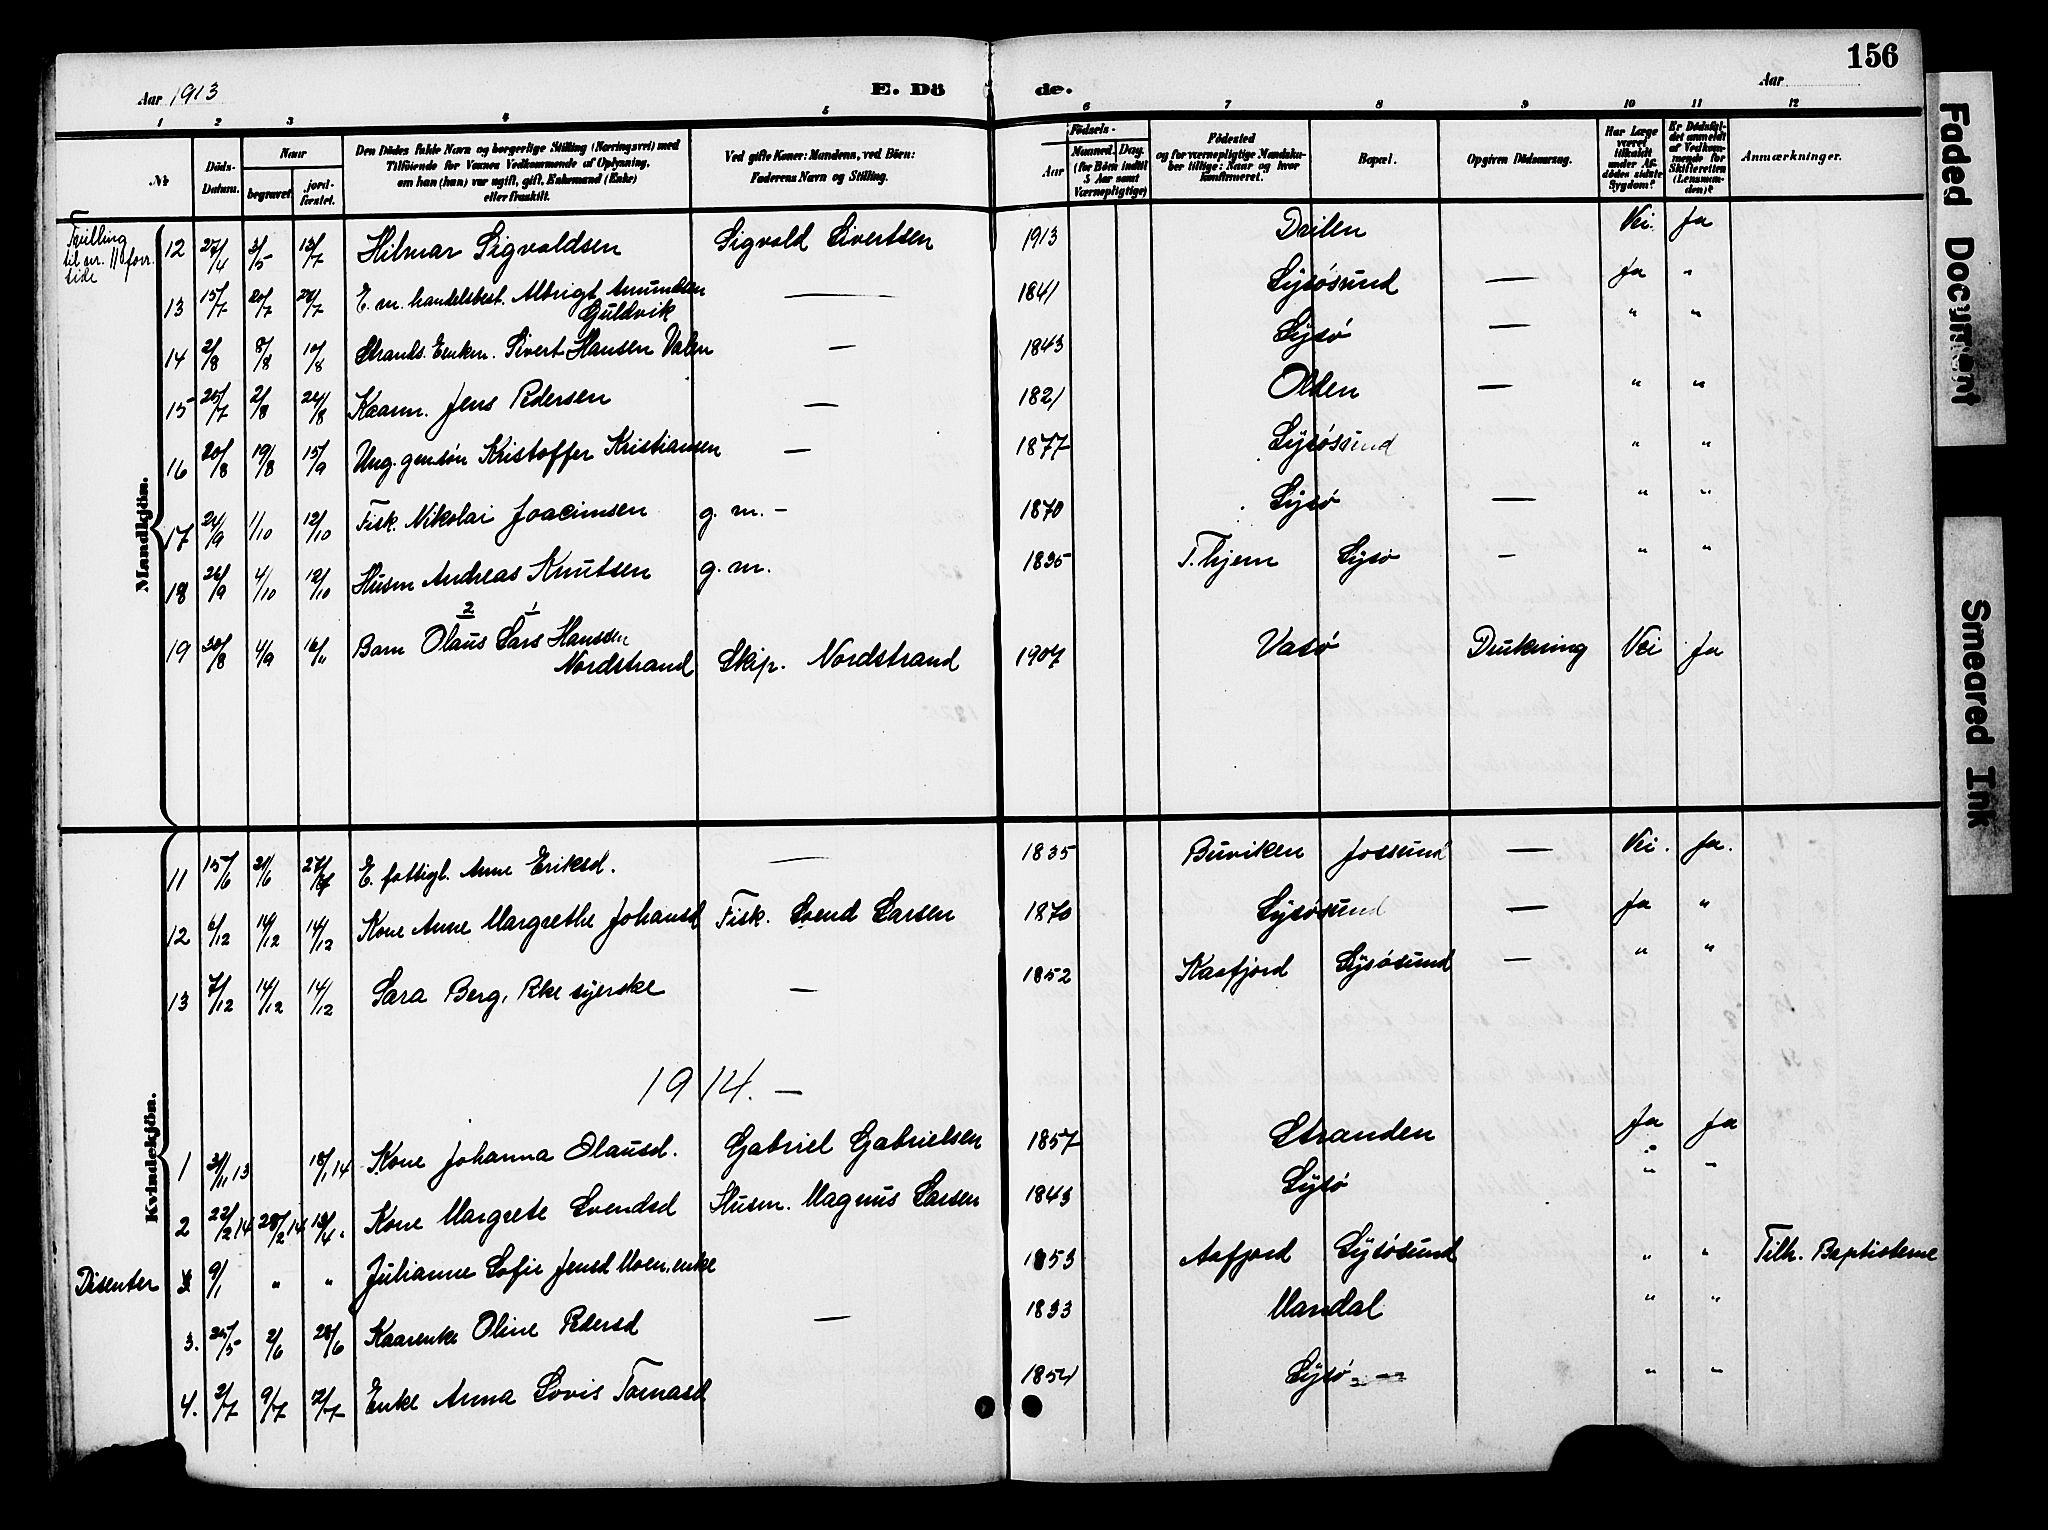 SAT, Ministerialprotokoller, klokkerbøker og fødselsregistre - Sør-Trøndelag, 654/L0666: Klokkerbok nr. 654C02, 1901-1925, s. 156